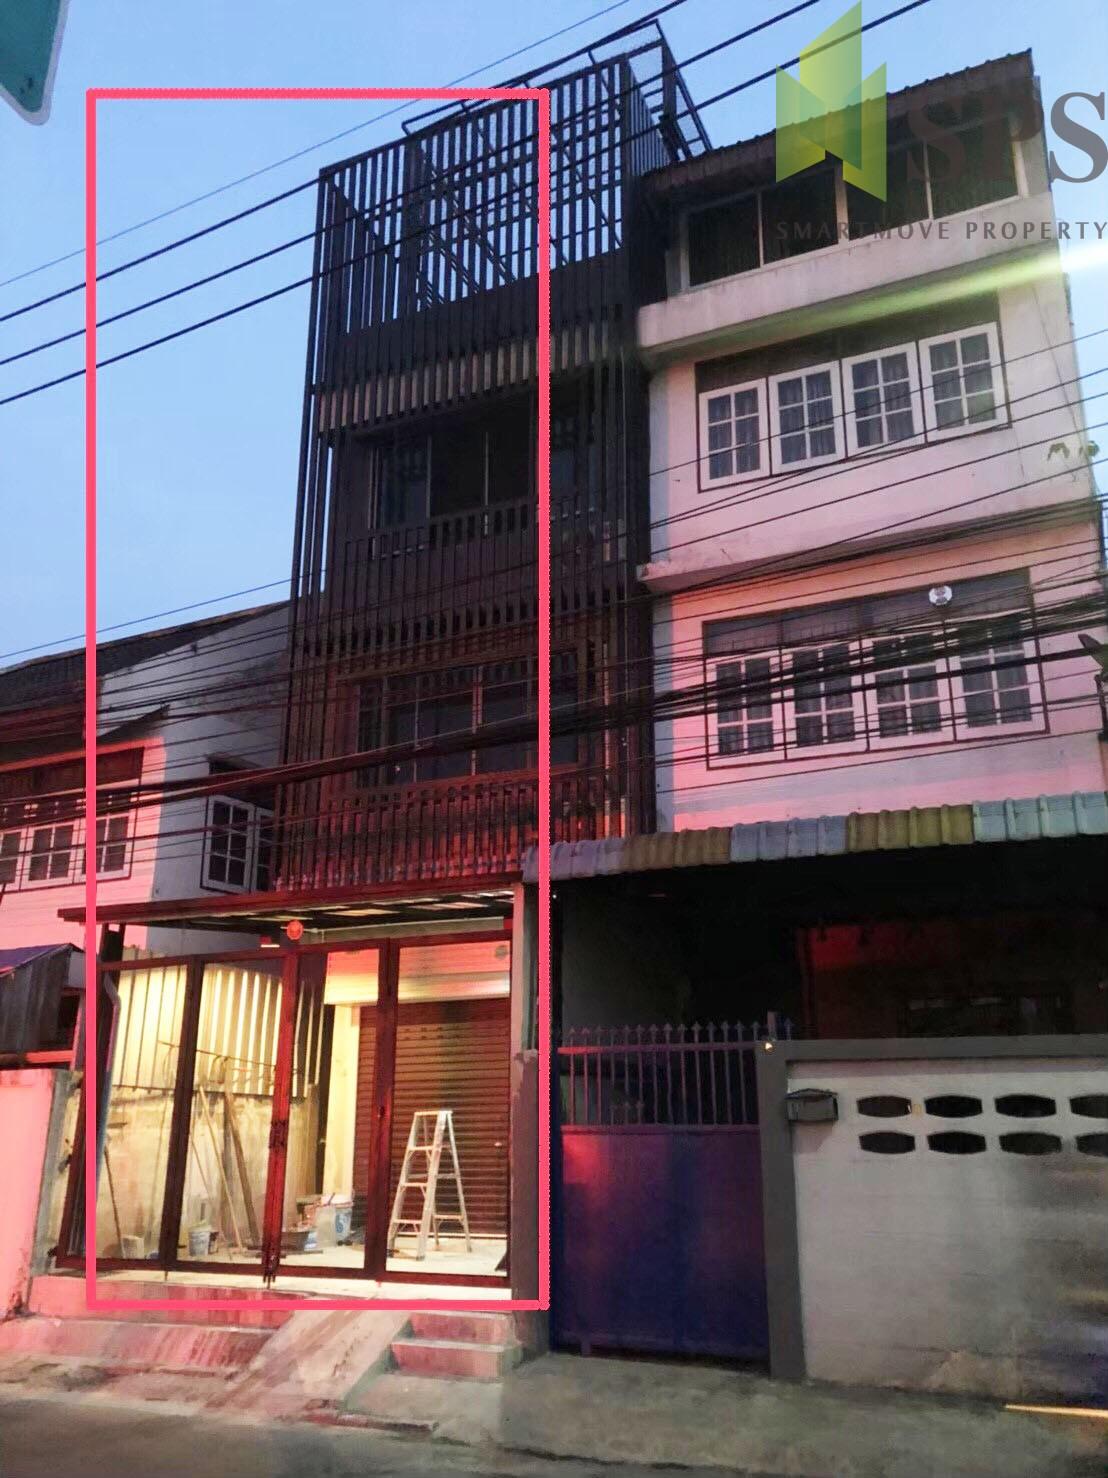 Home office Building Sukhumvit 62 บ้านเป็นตึก 3ชั้นครึ่ง มีชั้นดาดฟ้า (SPS-GH644)